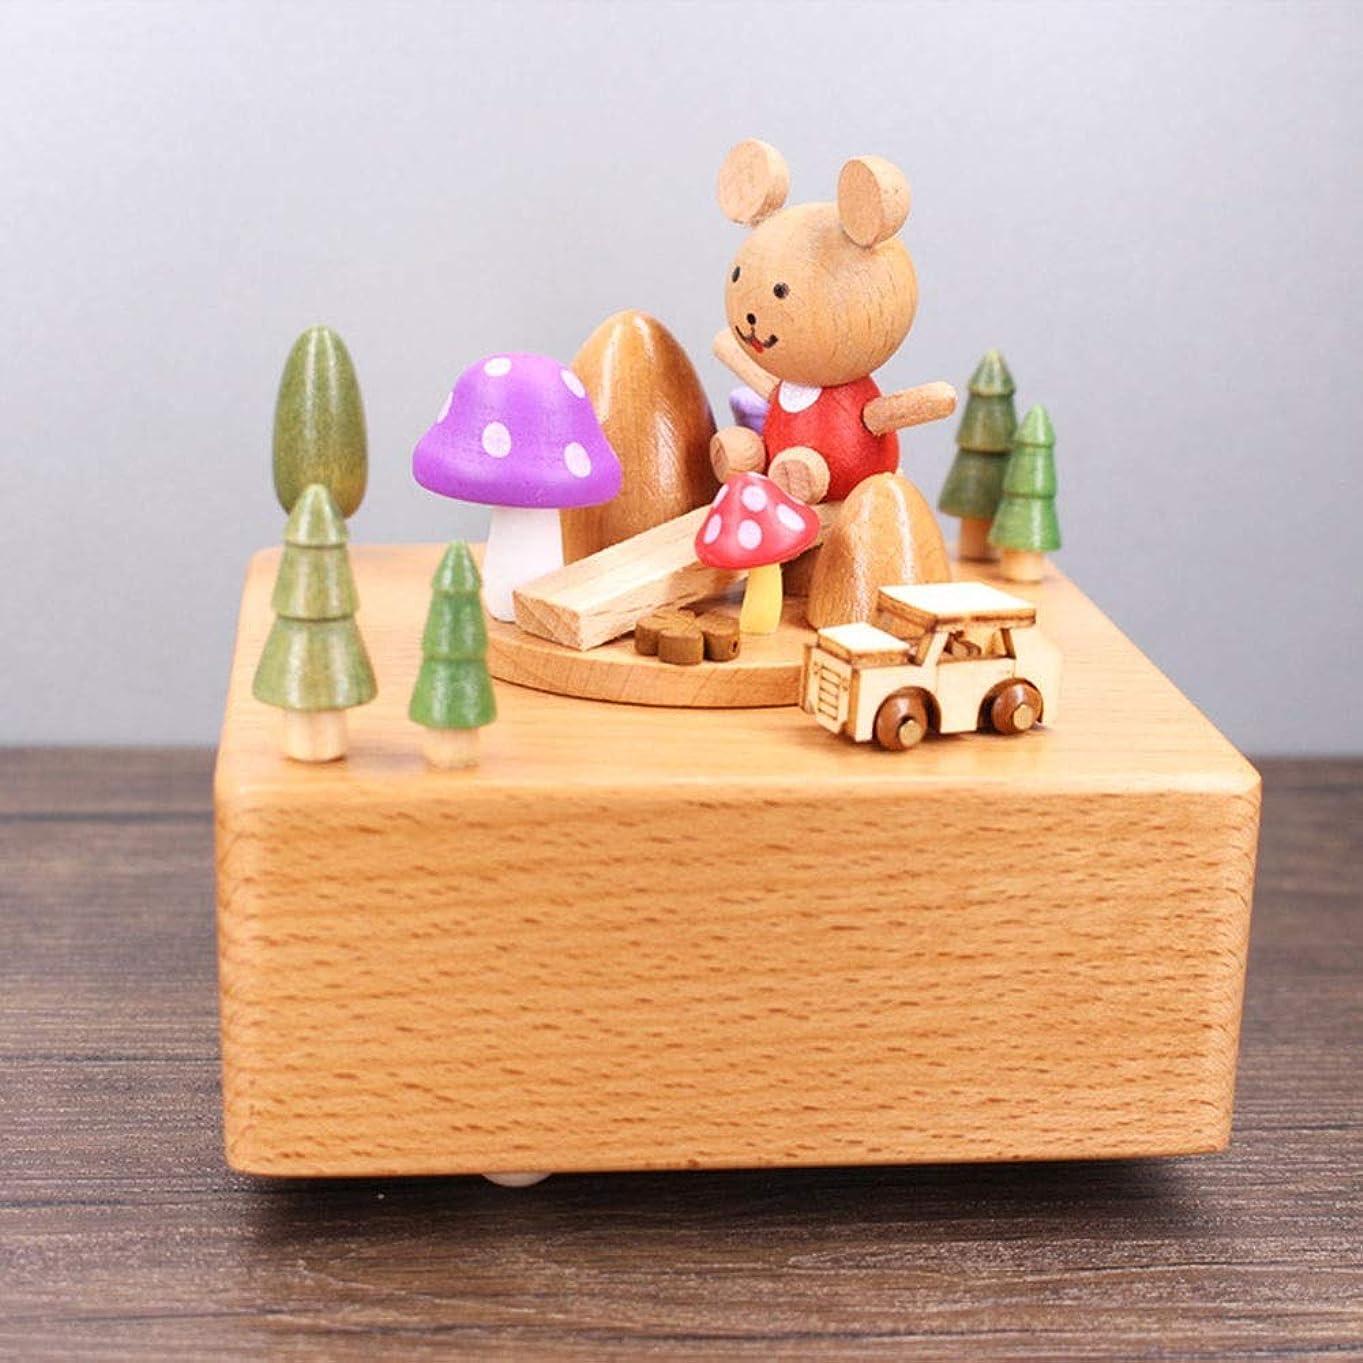 母性防水流暢アート ヴィンテージの木製の車カブススケートボードピンクのキノコパーソナライズされたオルゴールオルゴール家庭用家具の贈り物の装飾品を回転誕生日プレゼントクリスマスプレゼント11 * 11 * 15CM 飾る